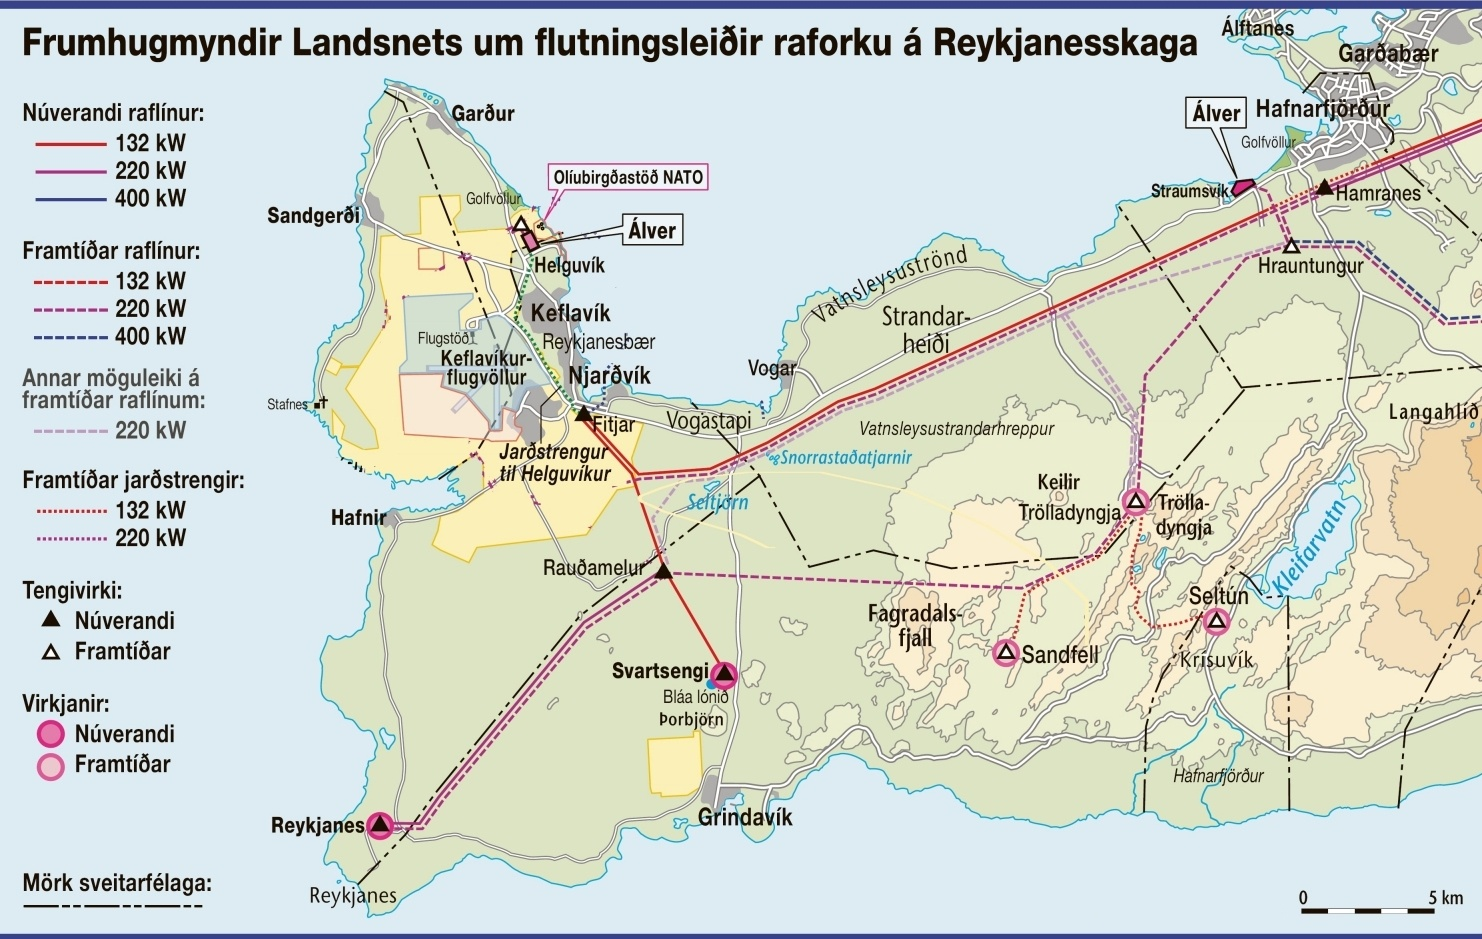 Frumhugmyndir að virkjunum og hugsanlegum línuleiðum. Myndin er unnin uppúr mynd sem birtist í Morgunblaðinu 13. febrúar 2007.